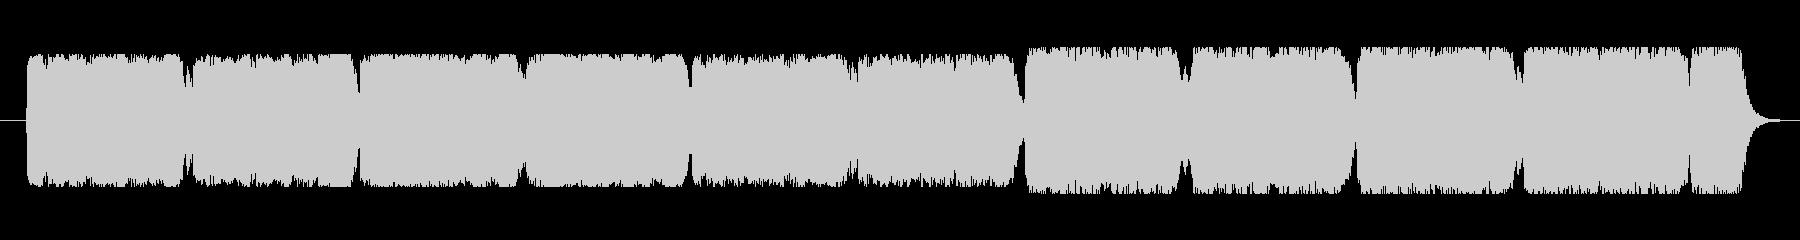 クラシカルで華やかなワルツの未再生の波形